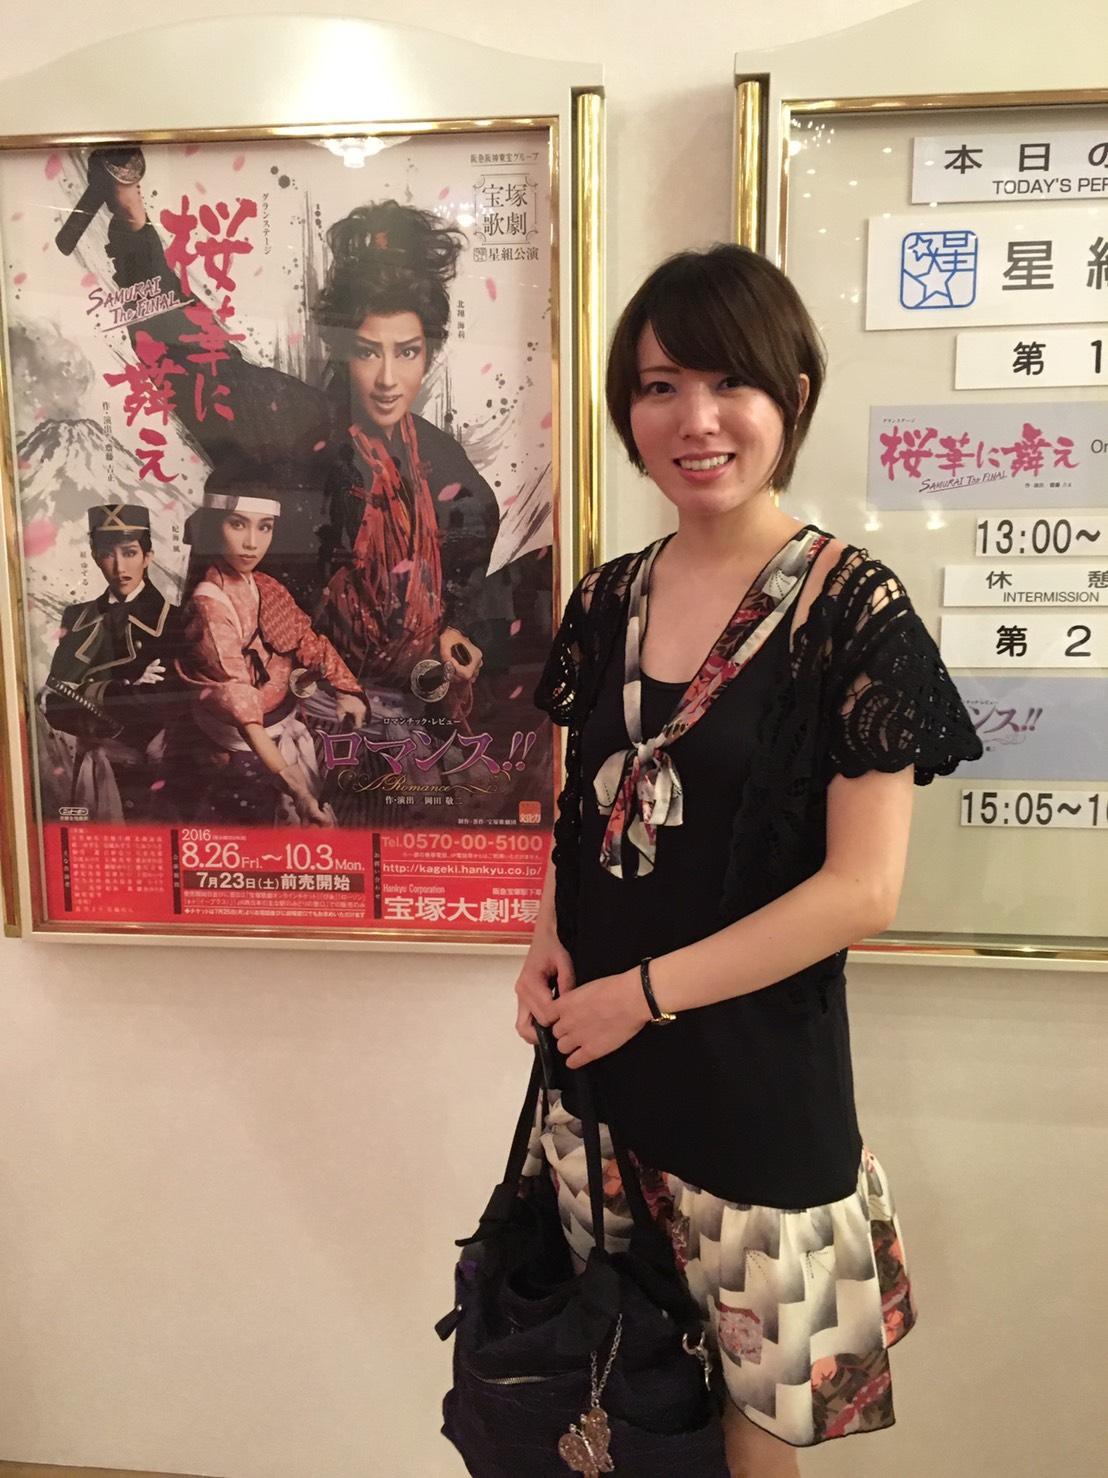 星組公演「桜華に舞え」を観劇してまいりました!_a0218340_13265165.jpg